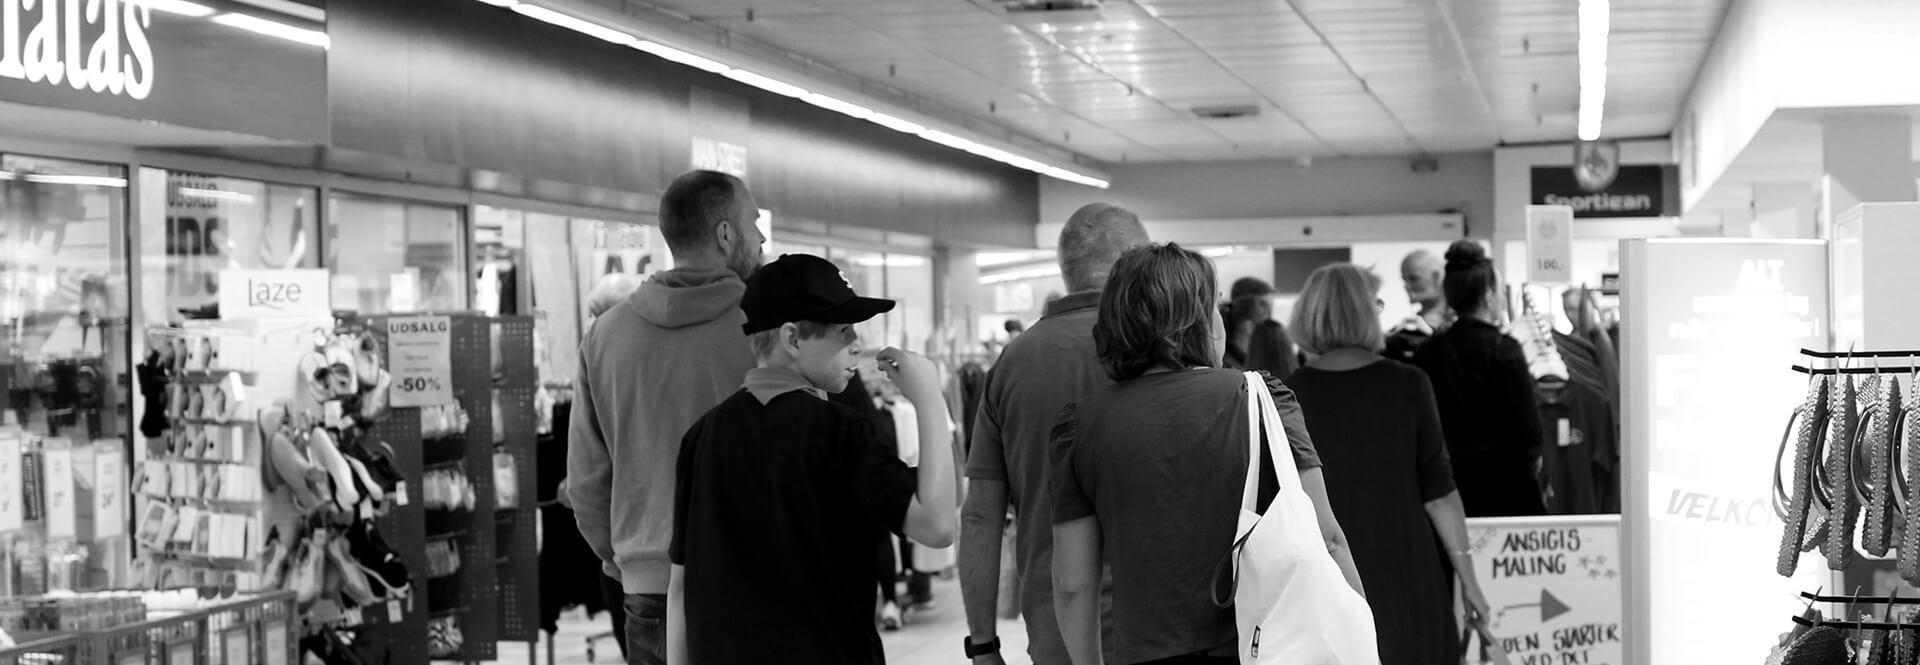 Farsø Rådhuscenter åbningstider